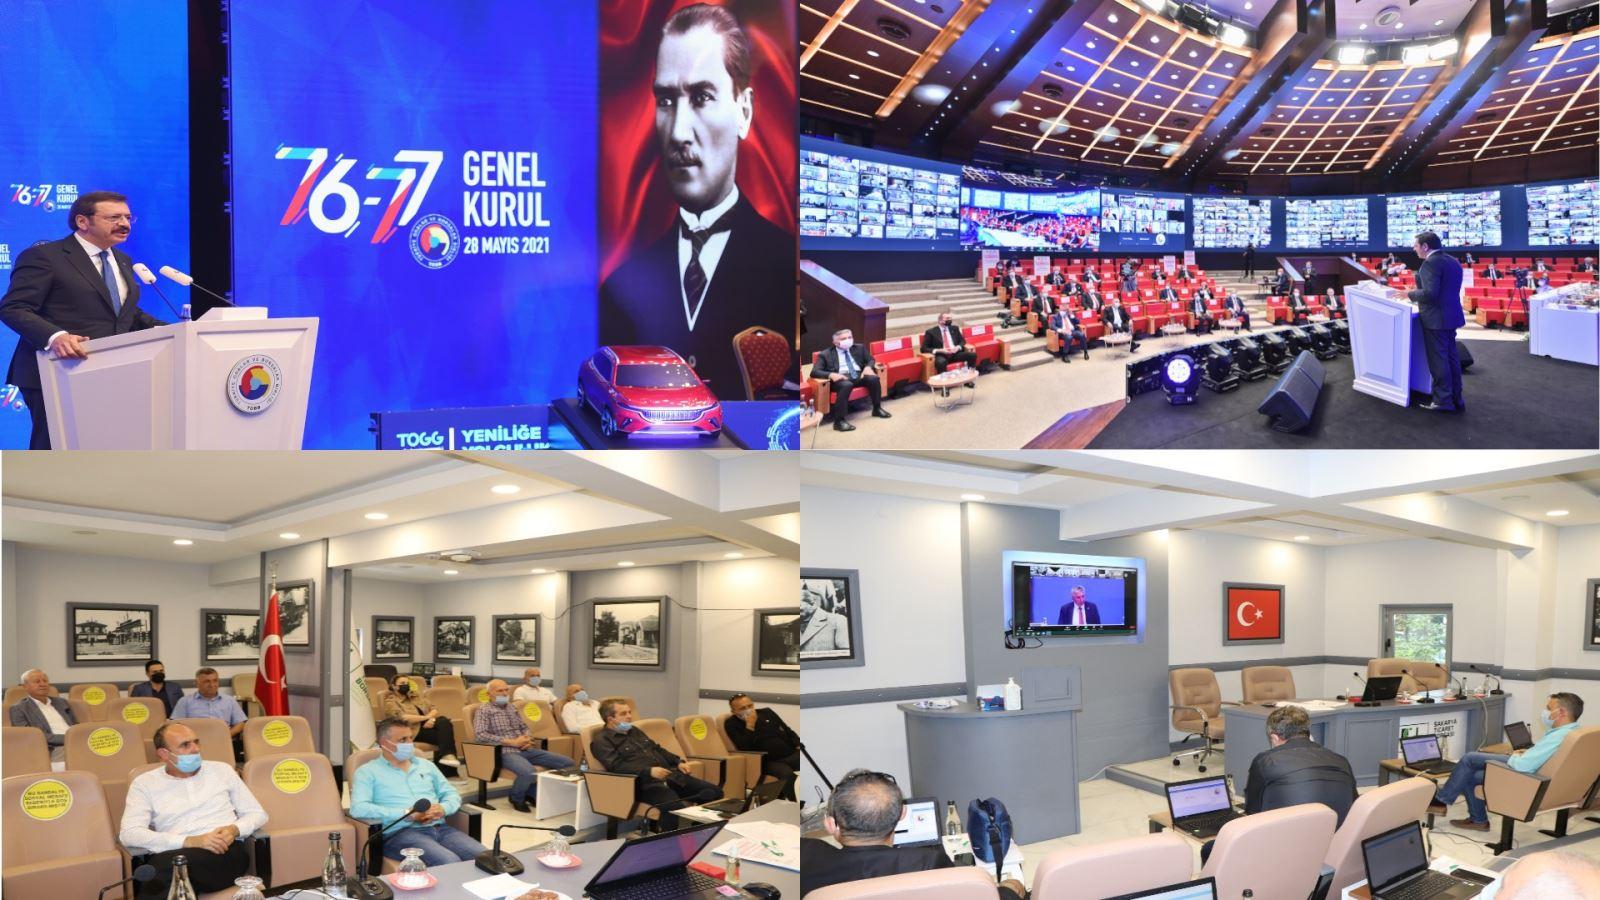 STB TOBB 76. ve 77.Genel Kuruluna Katılım Sağladı